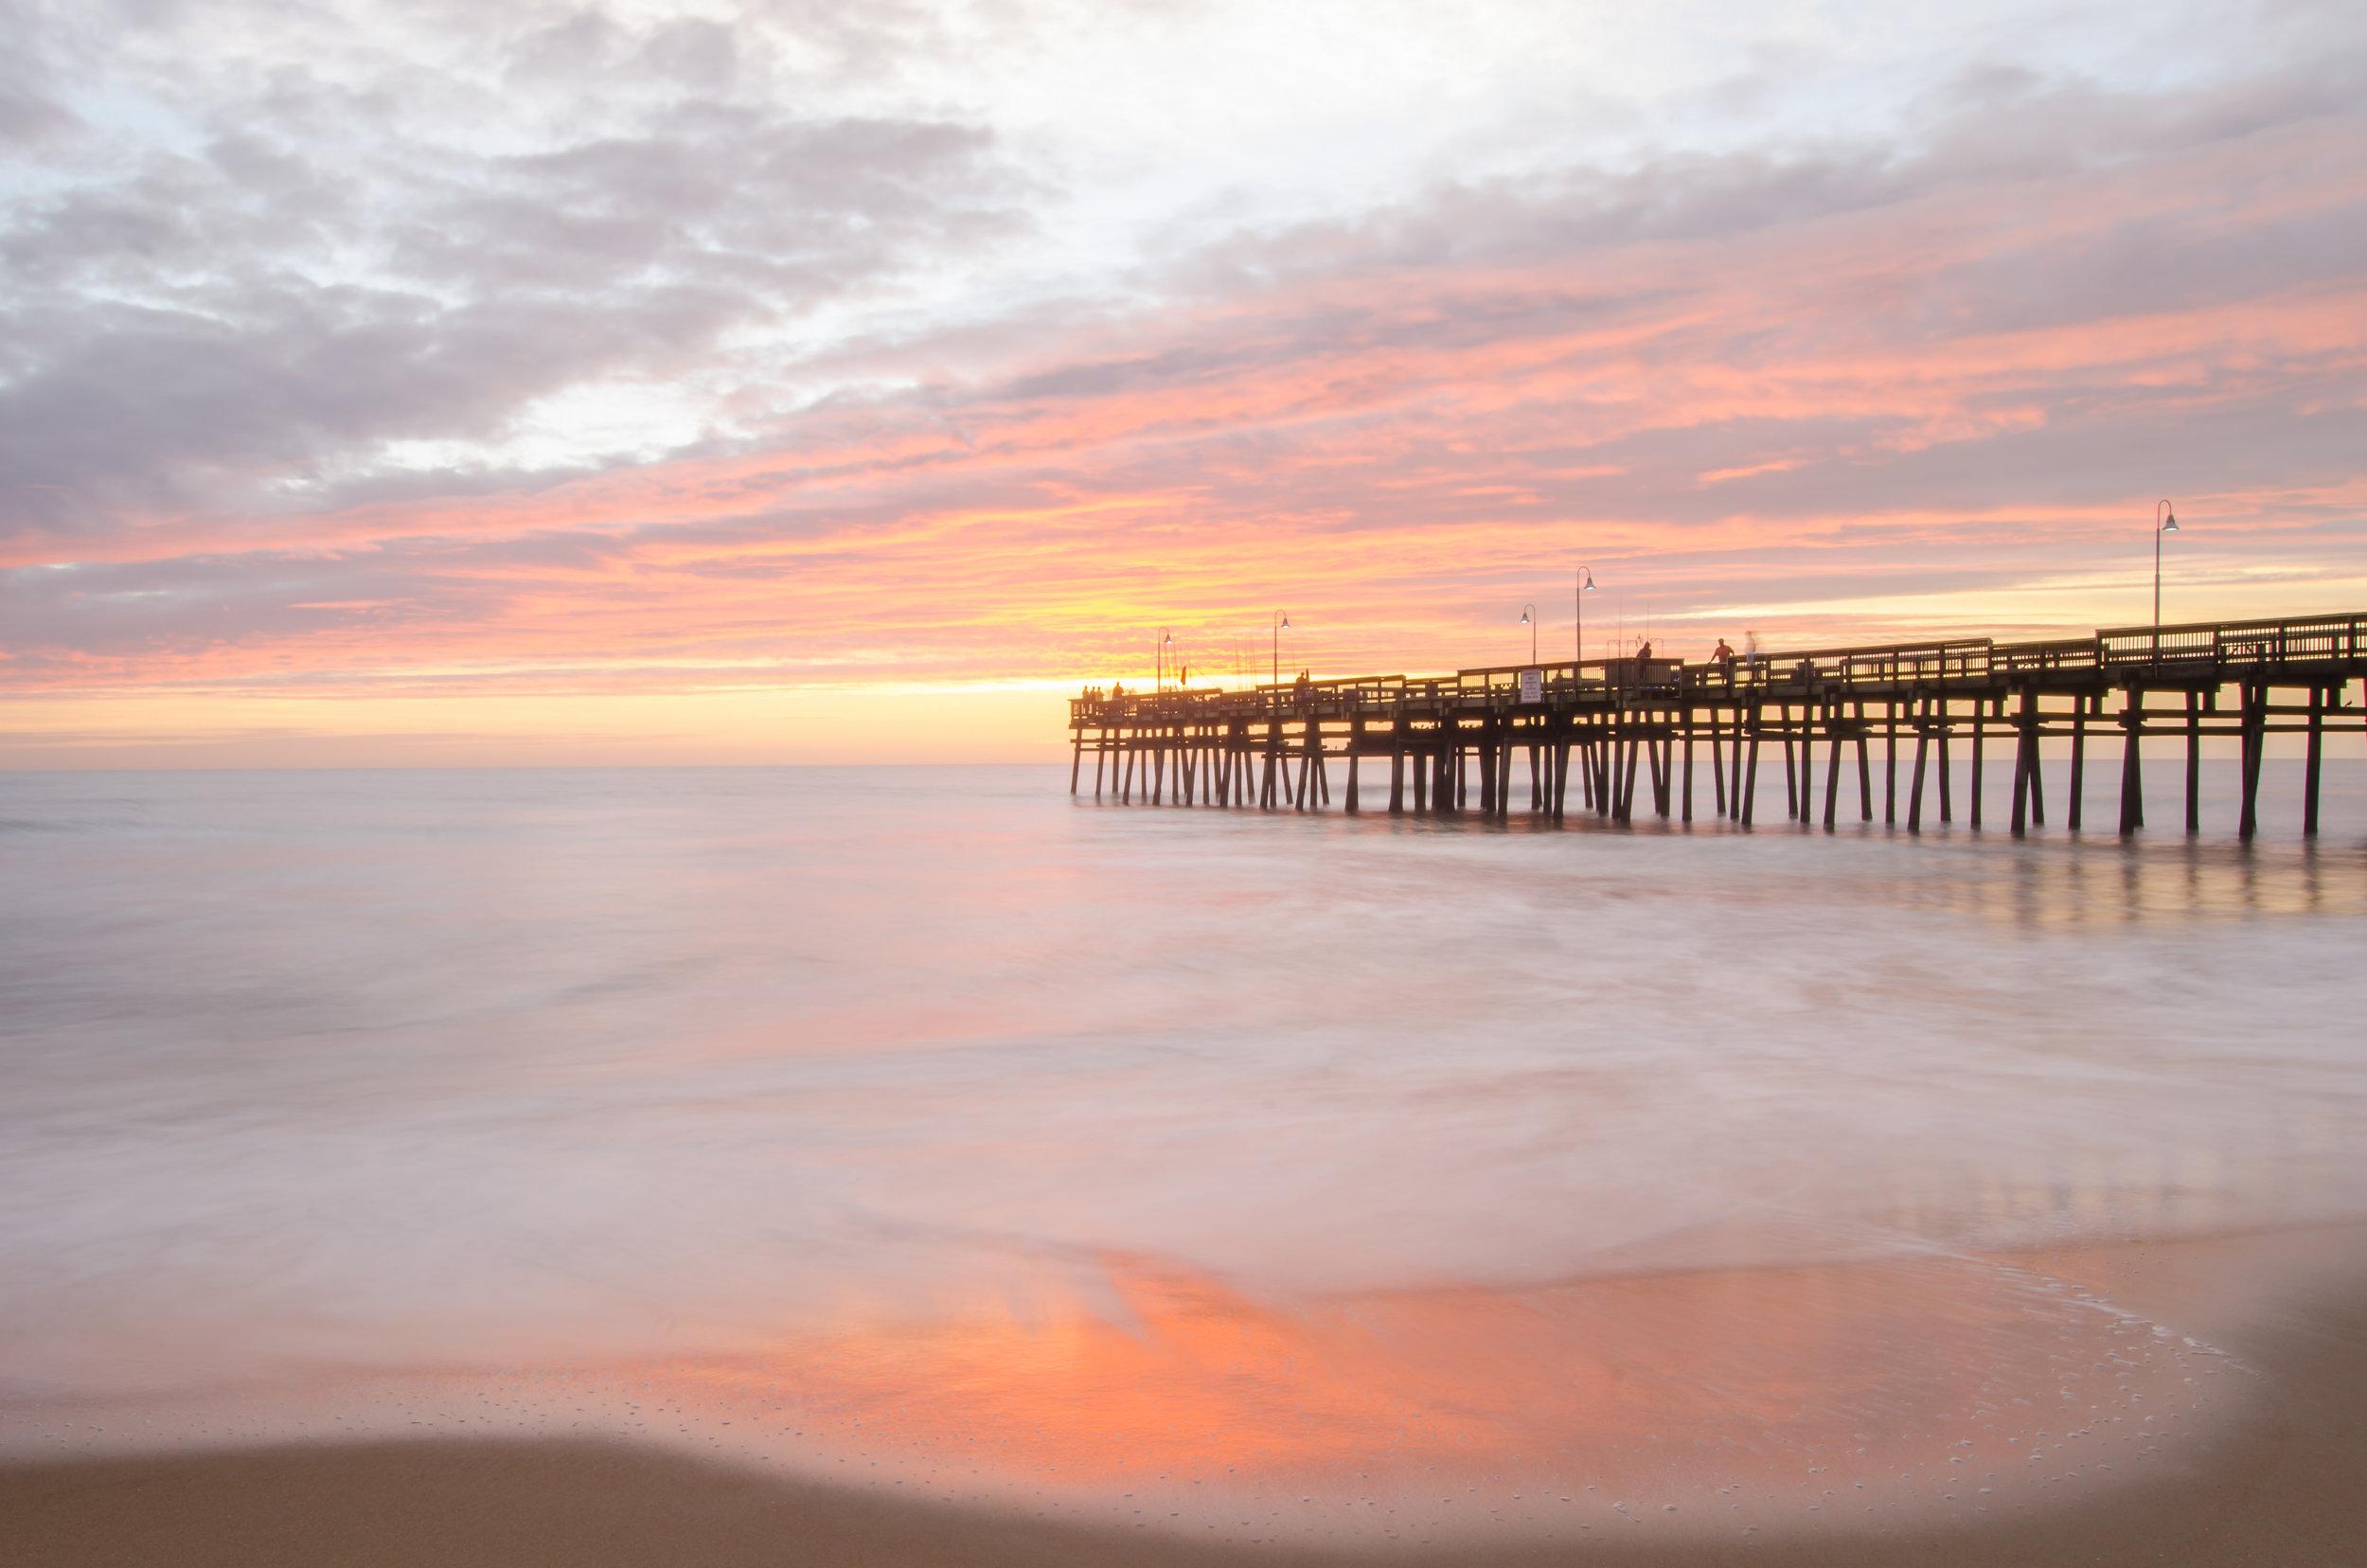 sandbridge-sandbridge pier-sandbridge beach-pier-sunrise-dawn-Virginia Beach-Virginia-pink-beach.jpg